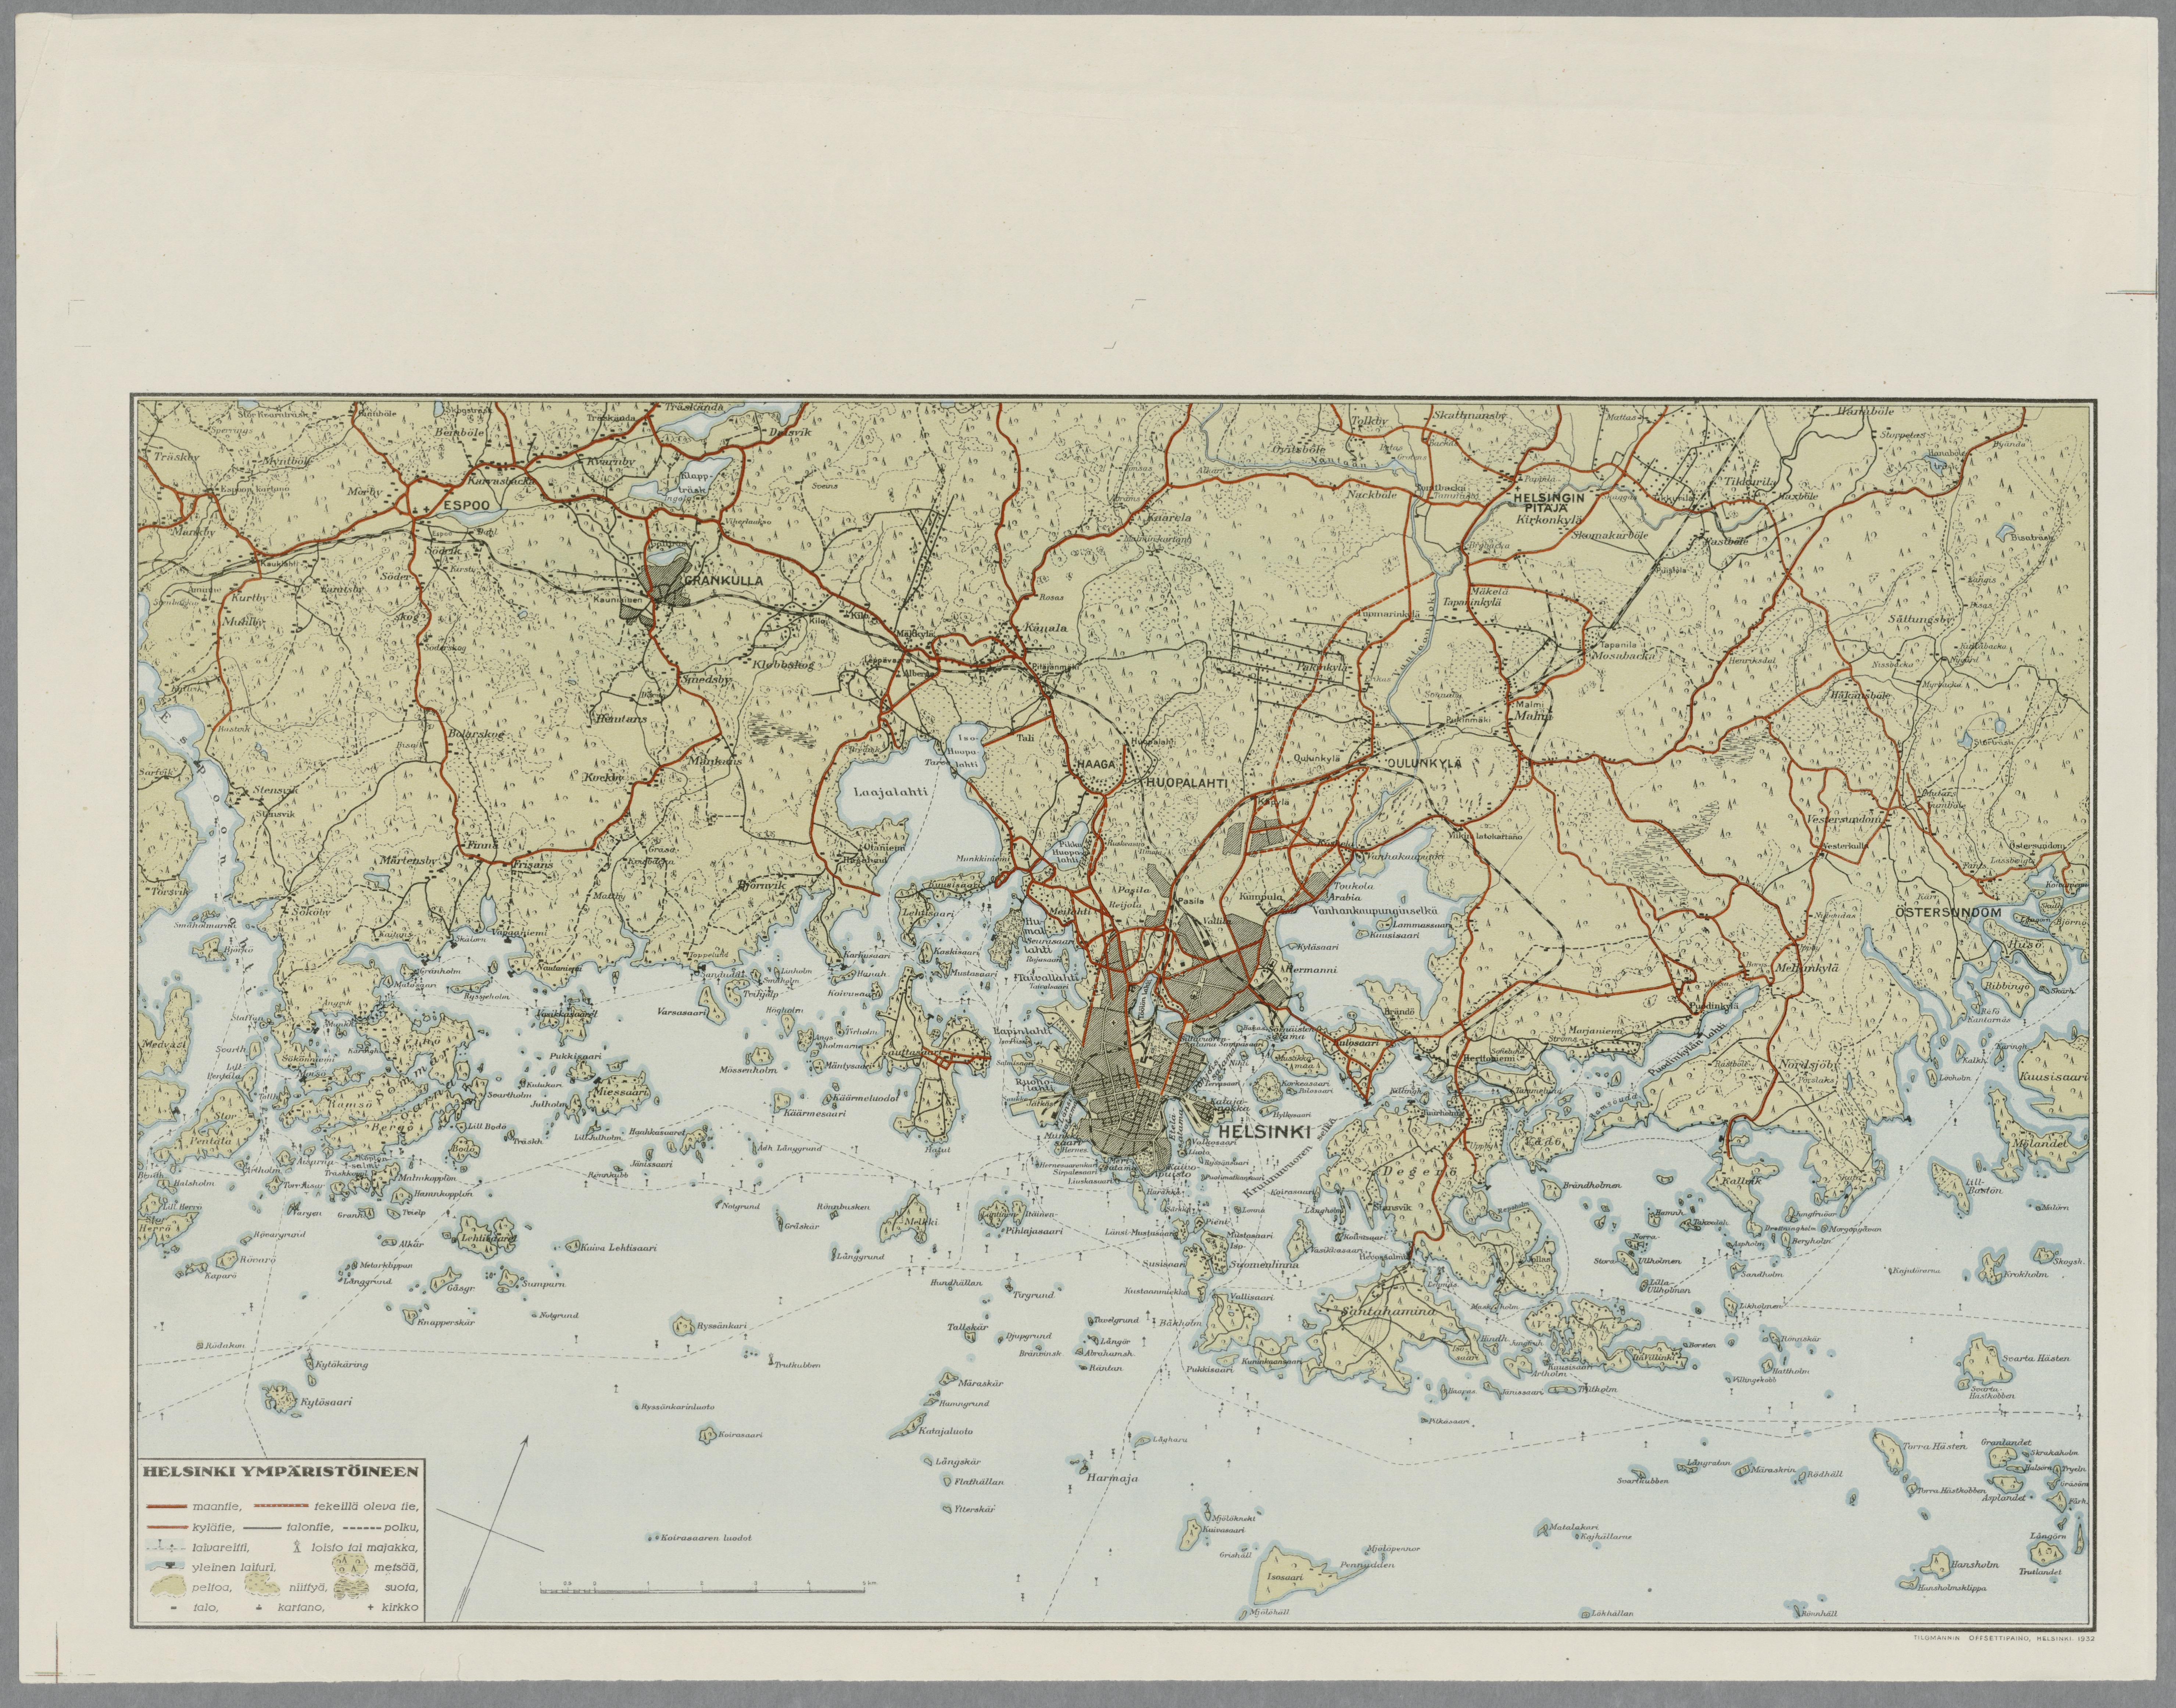 Helsingin Kartta 1932 Helsinki Ymparistoineen